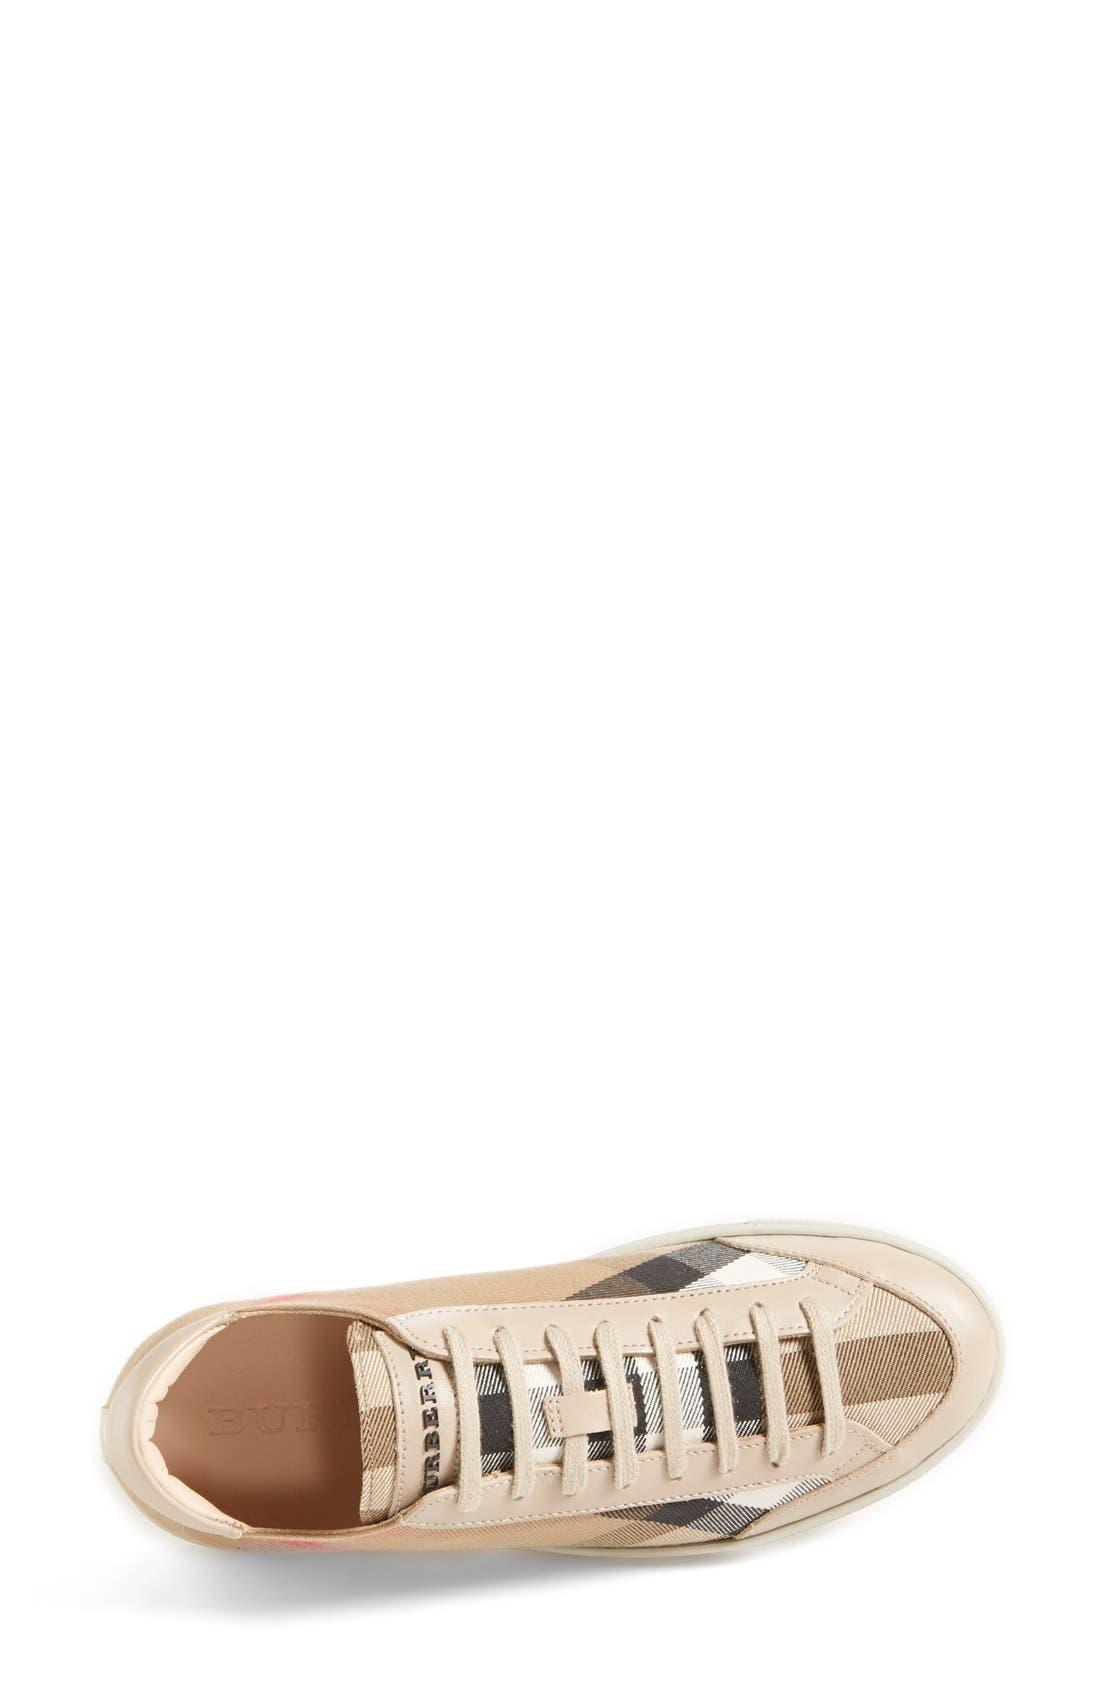 Alternate Image 3  - Burberry 'Hartfields' Sneaker (Women)